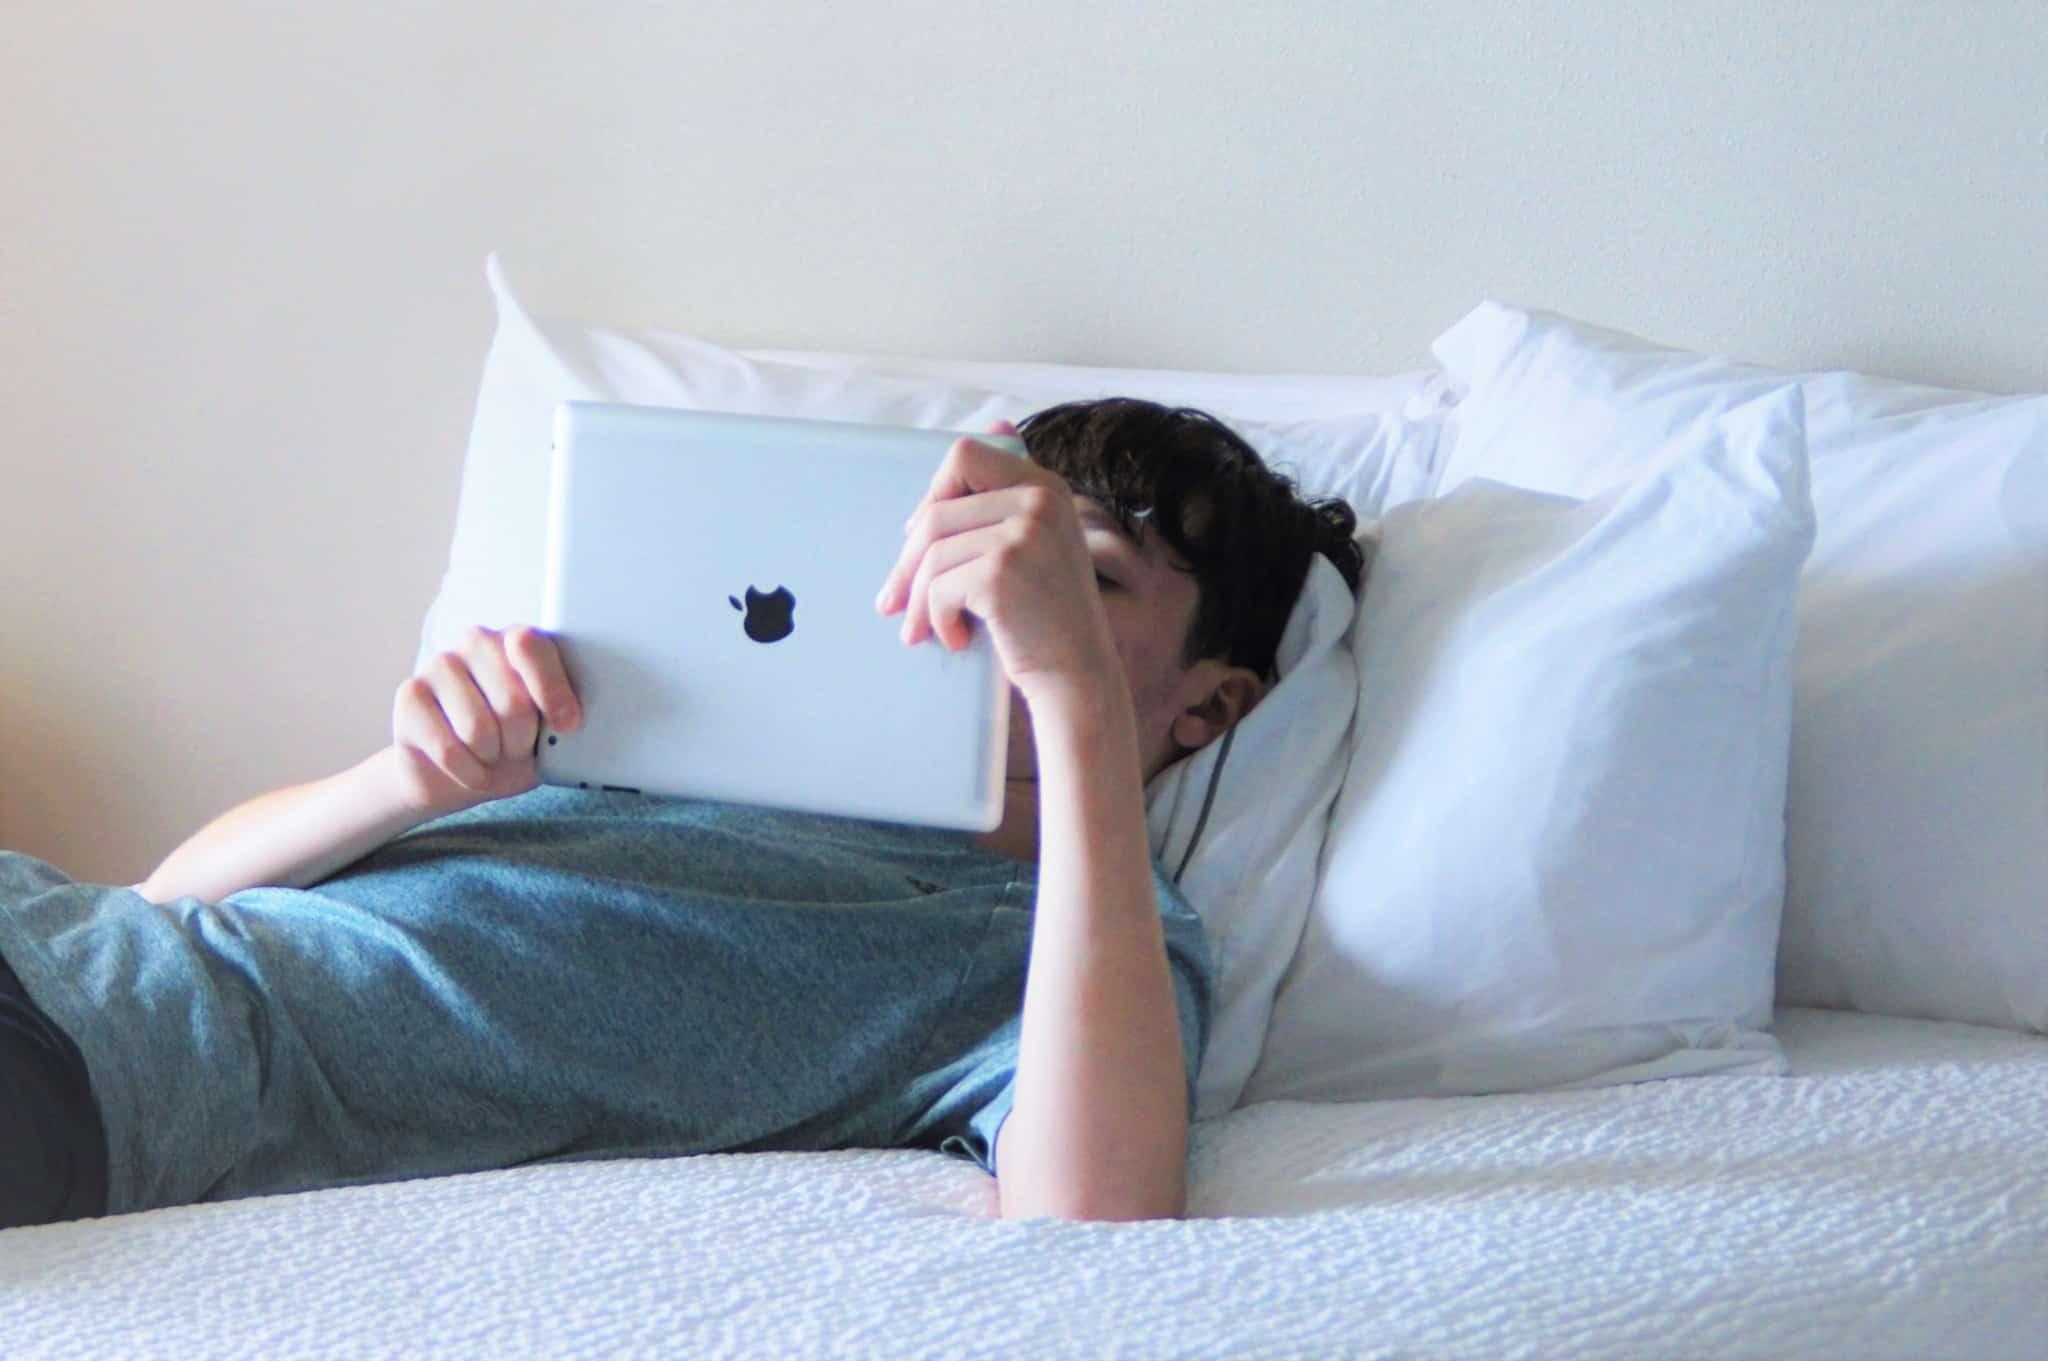 adolescente com um ipad na mao deitado na cama